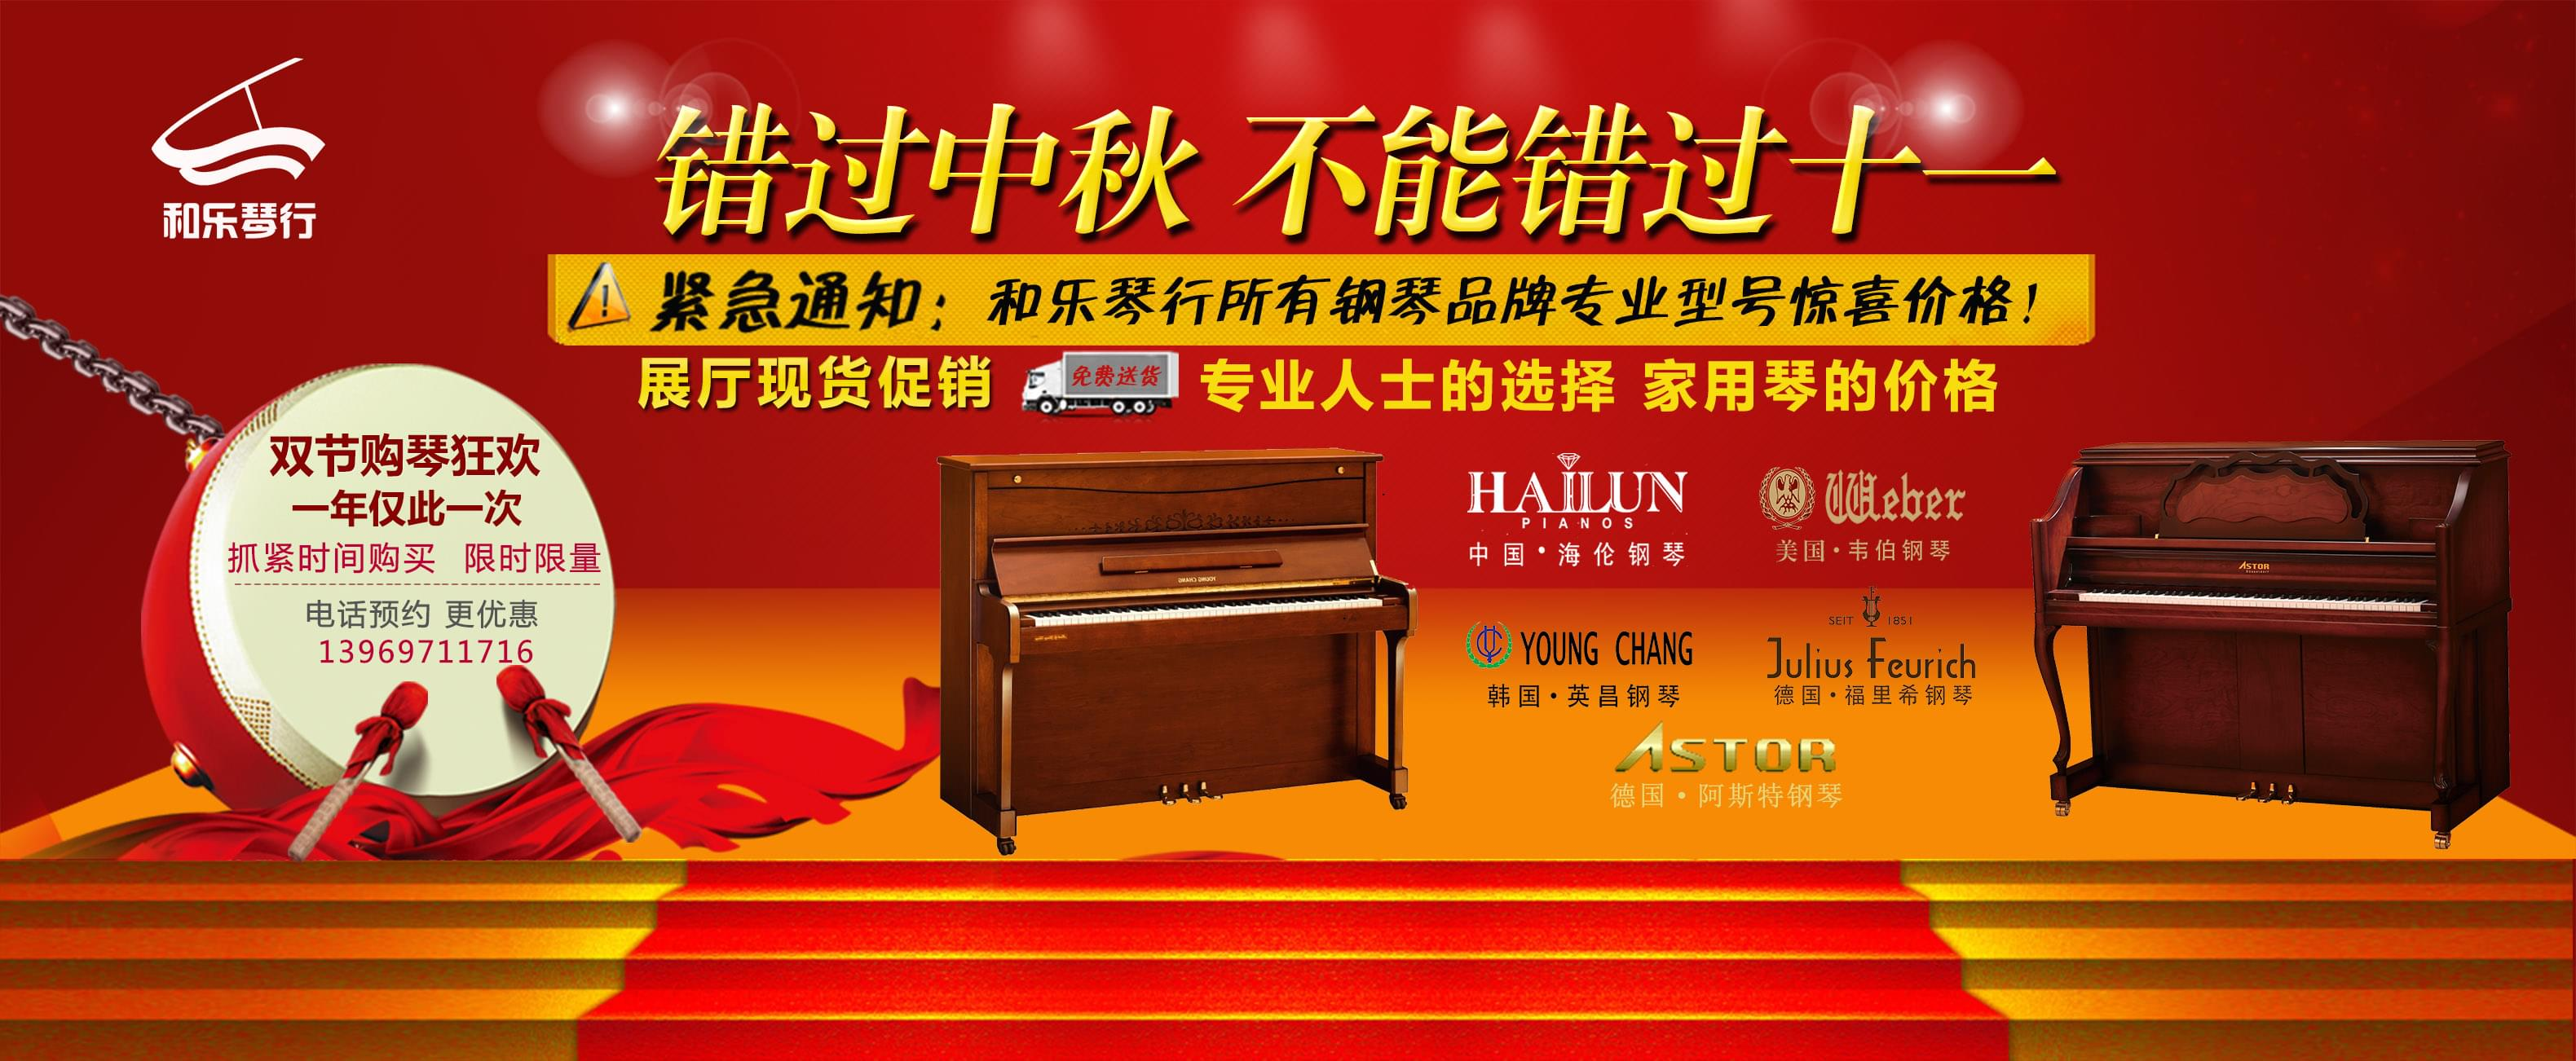 和乐琴行十一国庆购琴有优惠吗?